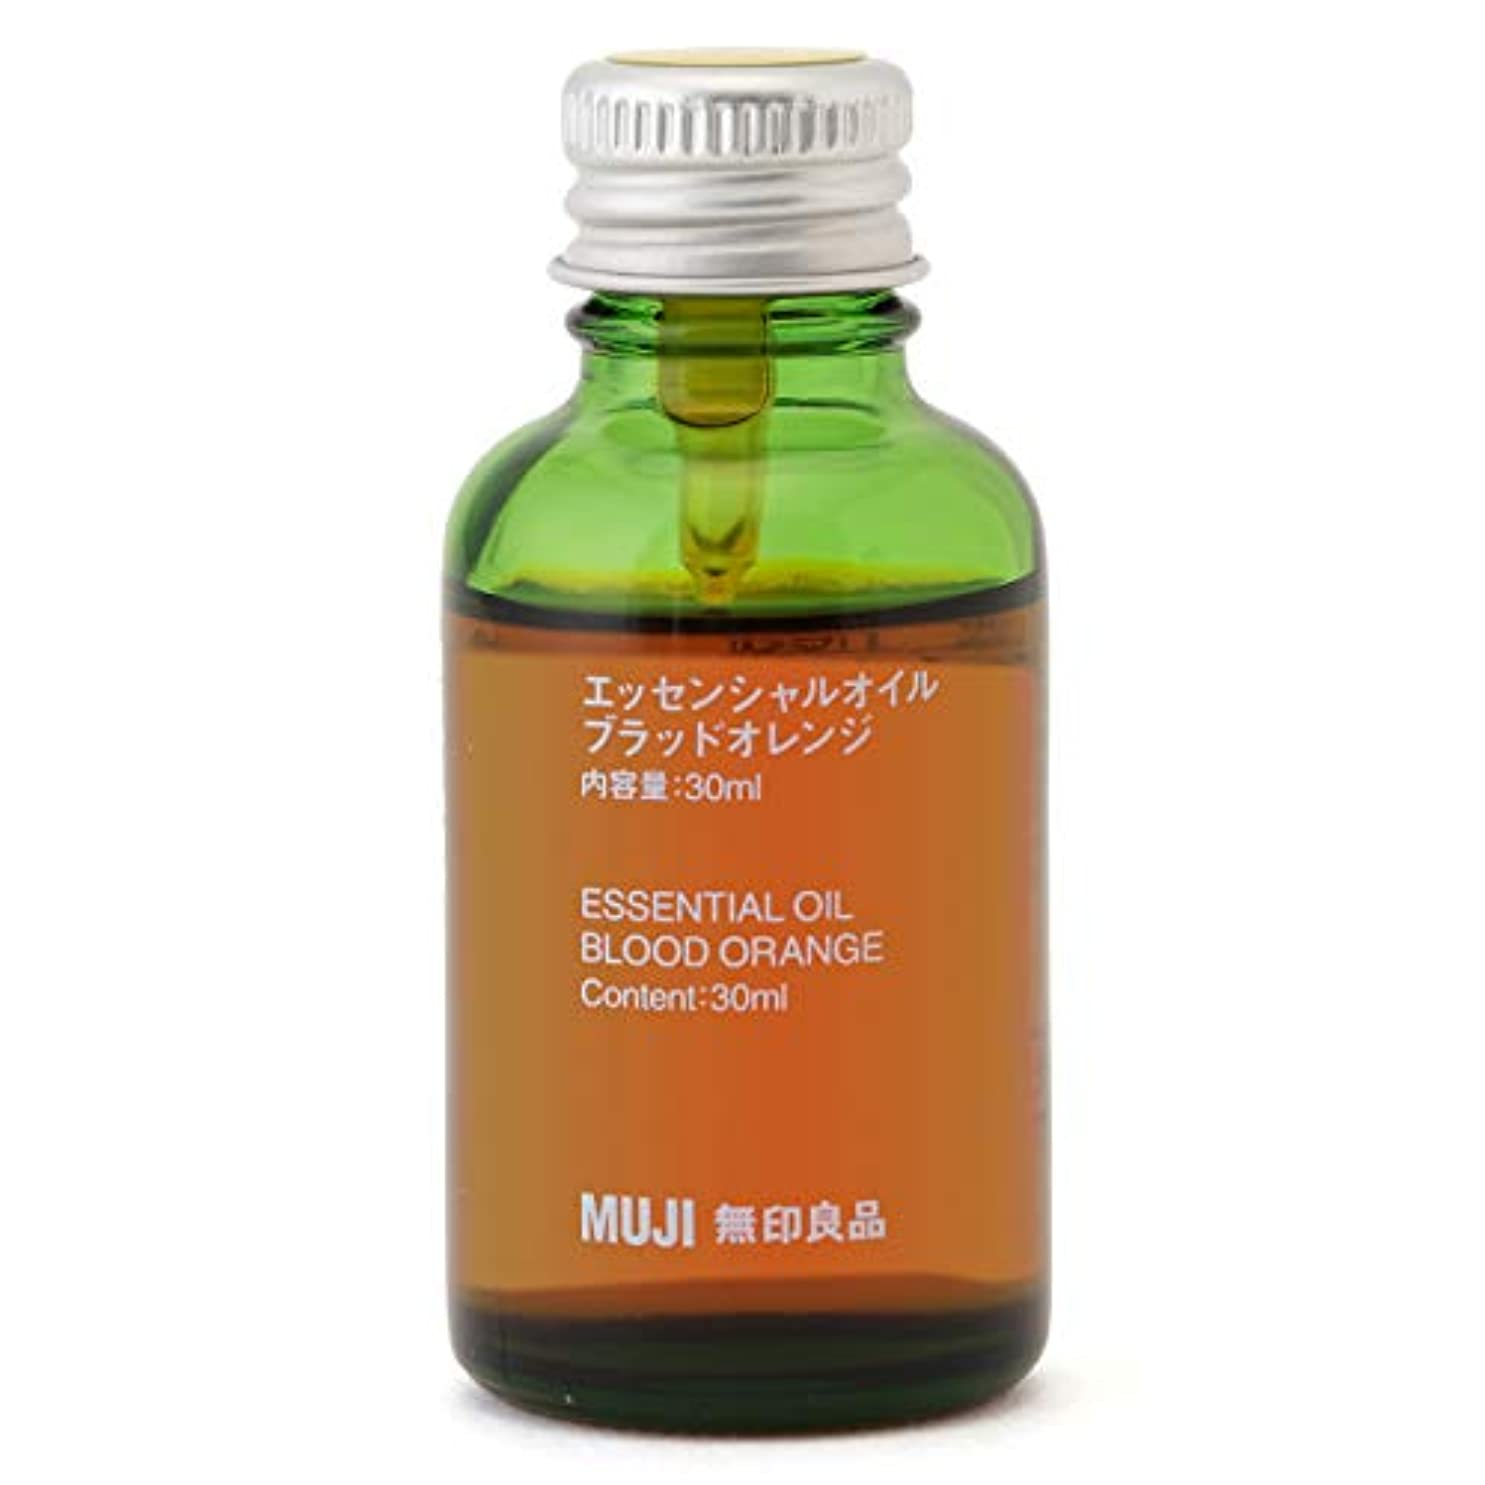 鈍い雄弁不正【無印良品】エッセンシャルオイル30ml(ブラッドオレンジ)